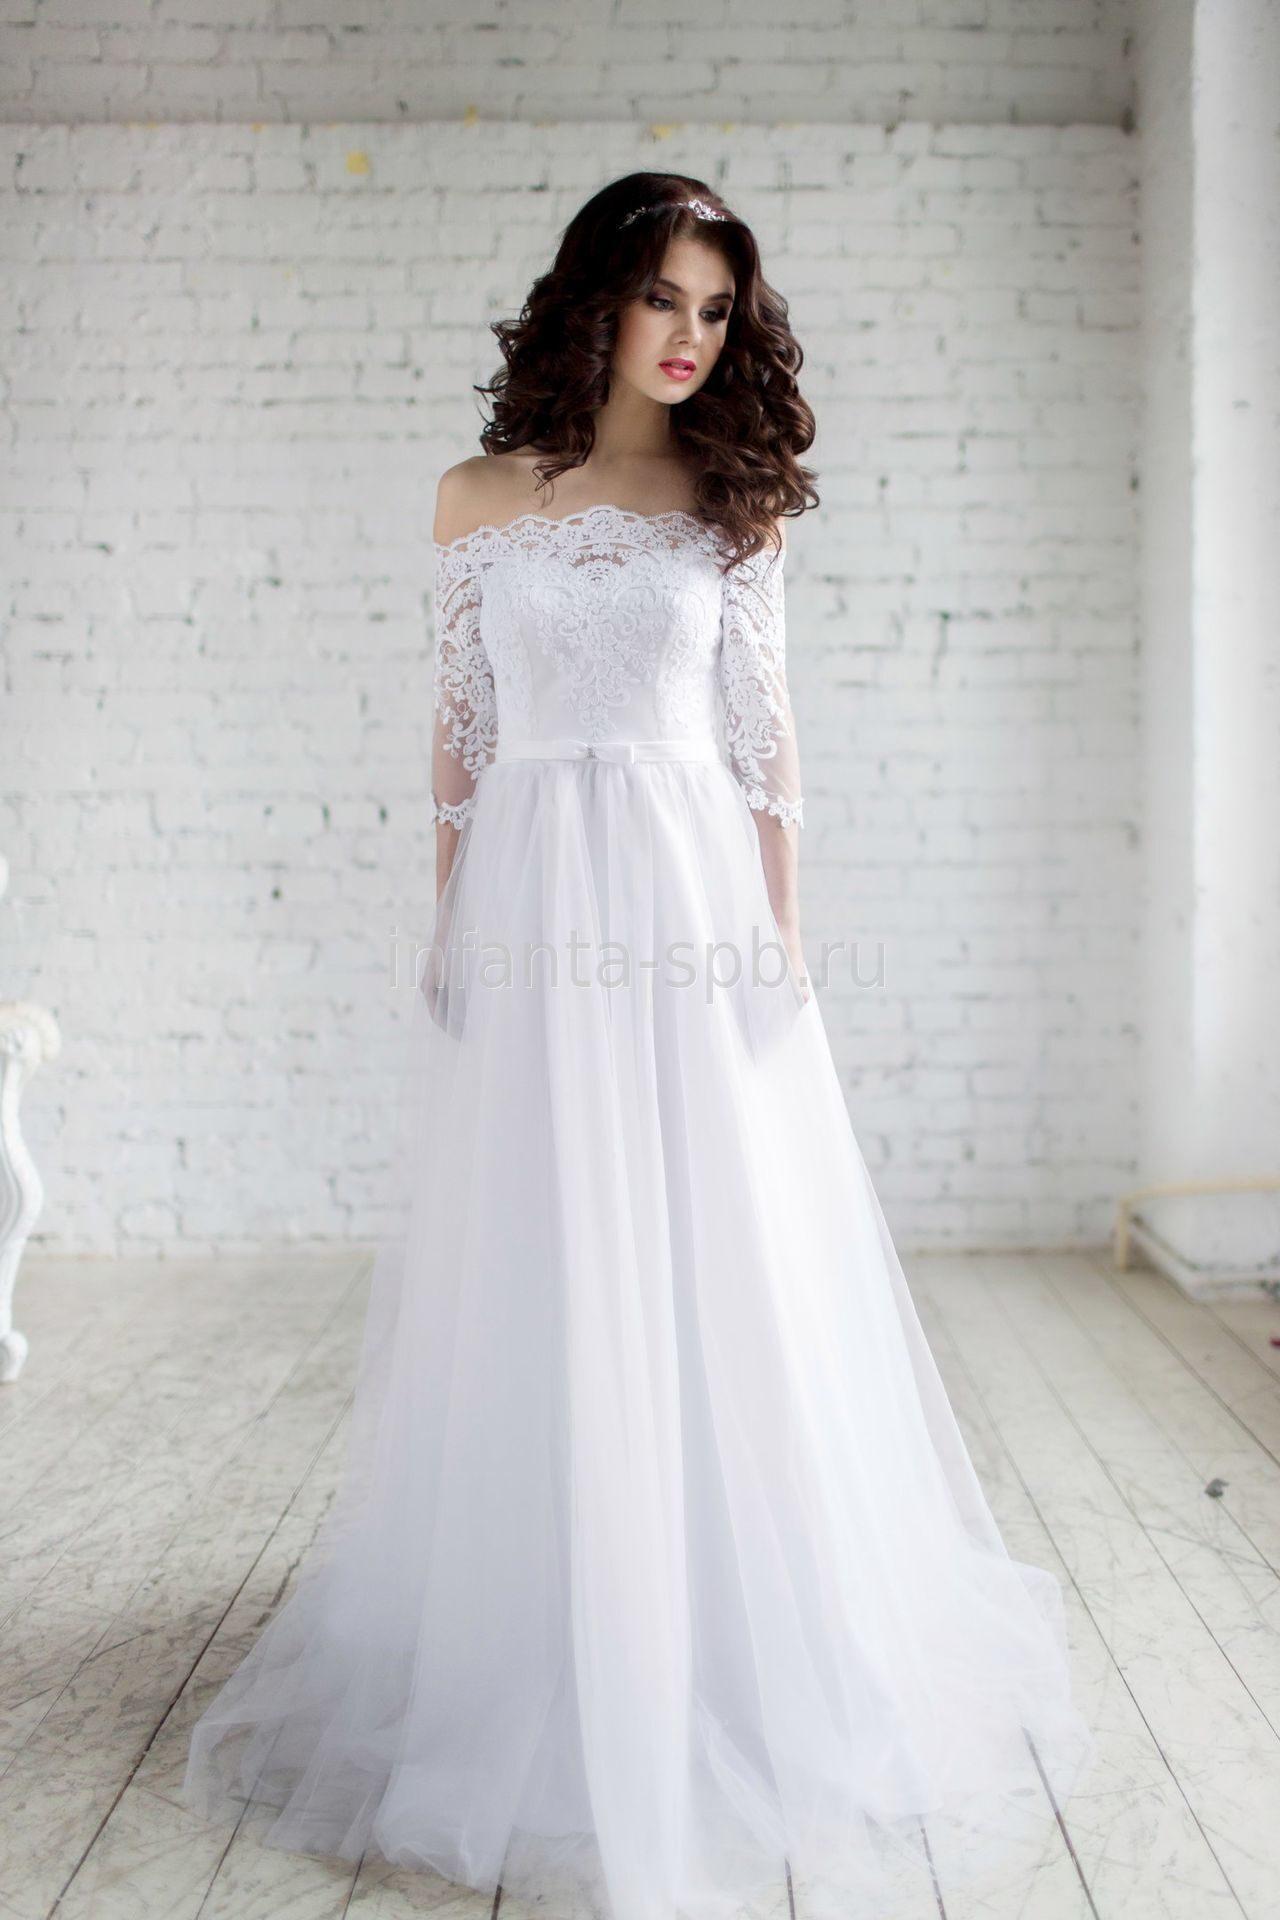 Платье с рукавами купить в спб